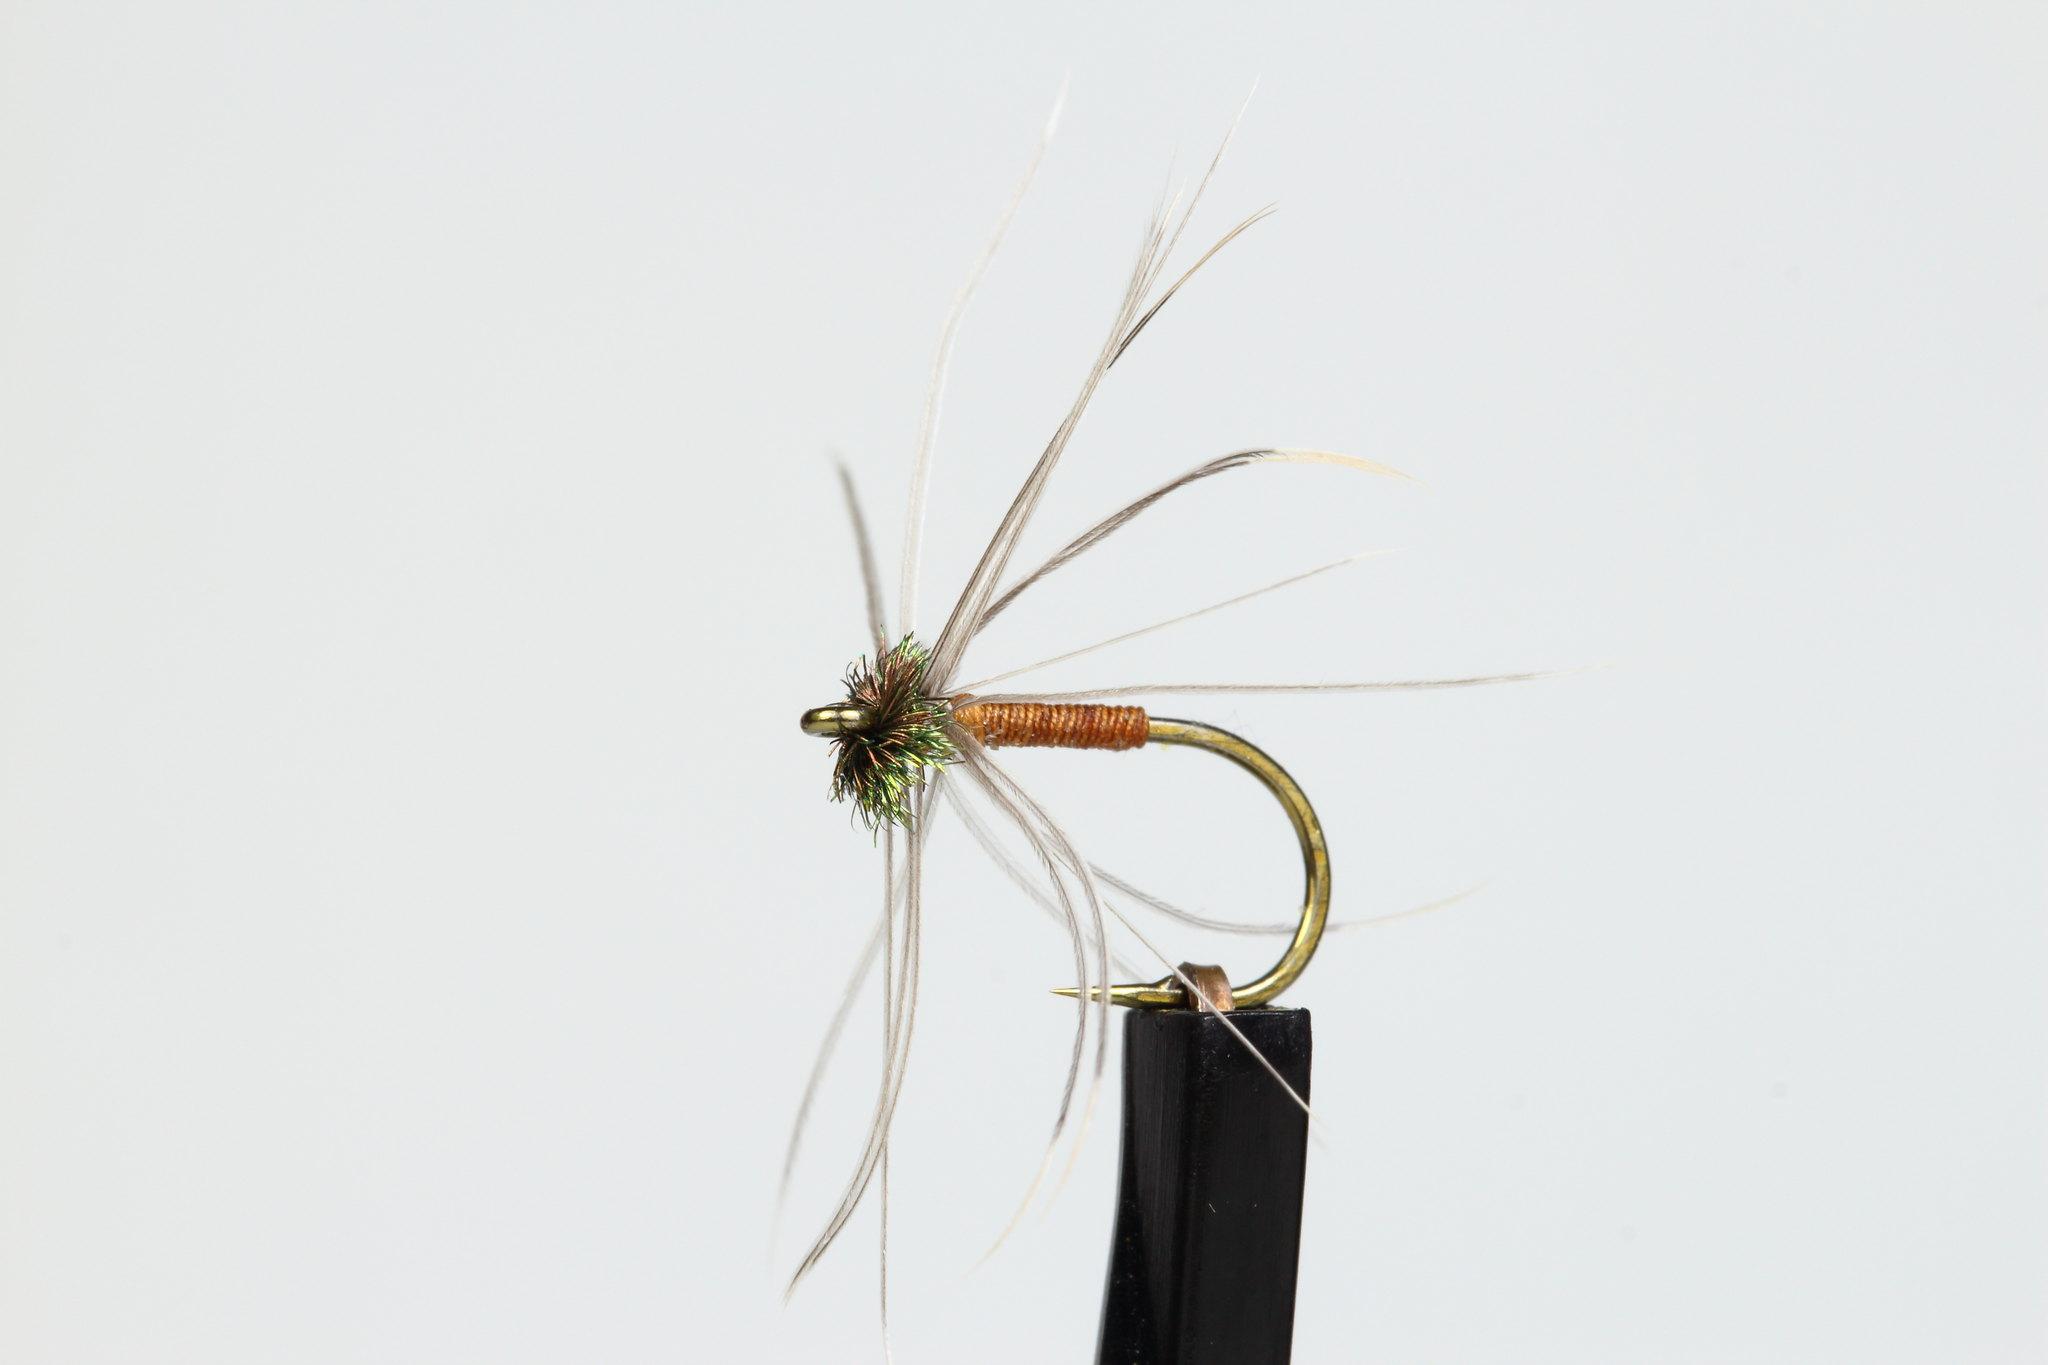 Winter Brown spider